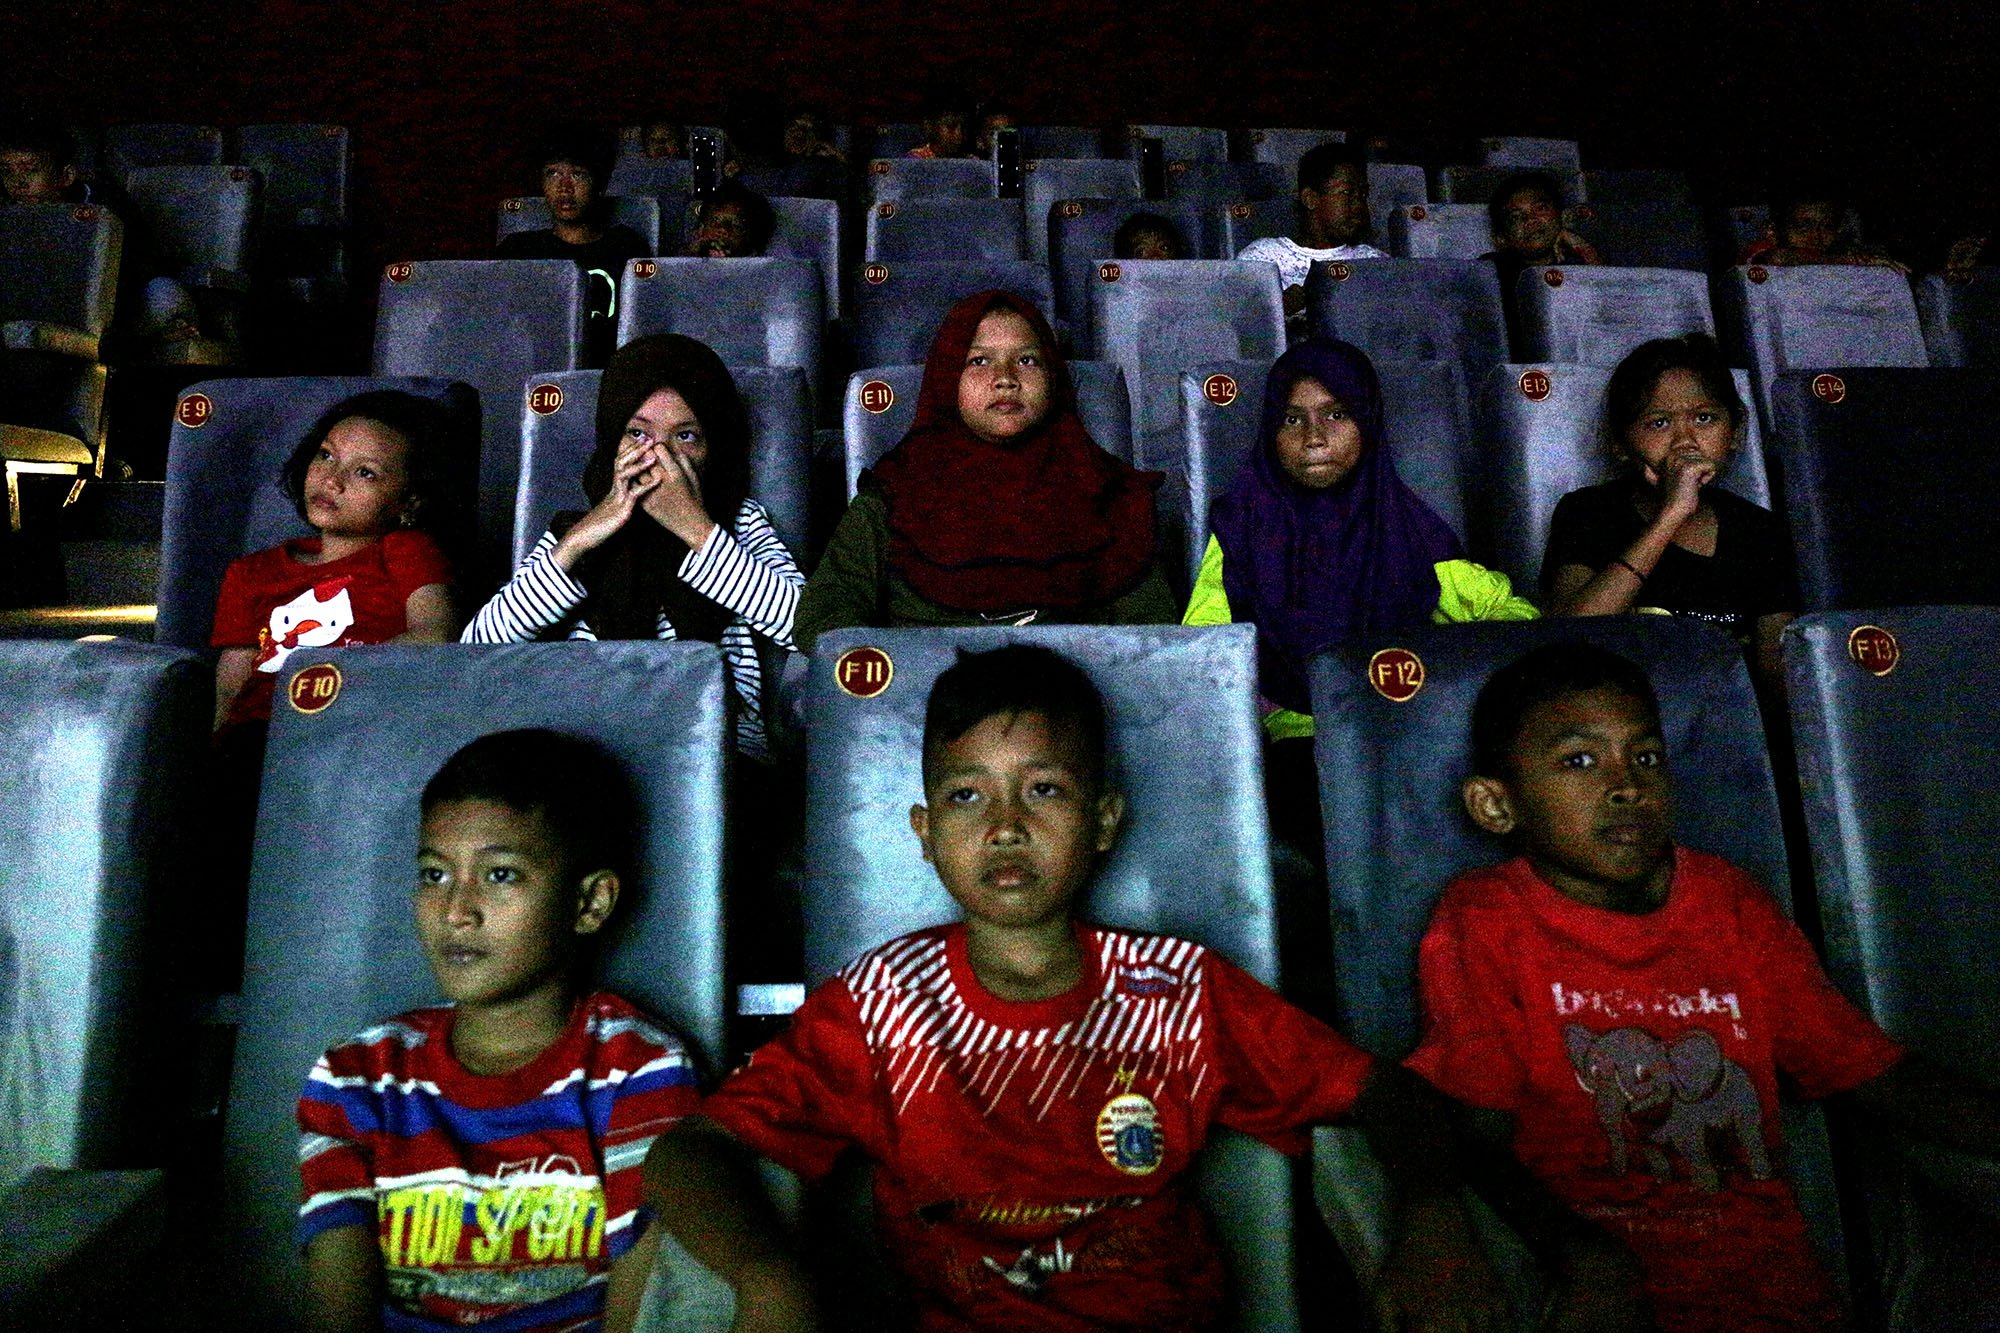 Sejumlah anak menonton film yang diputar di Indiskop atau Bioskop Rakyat yang di dalam Pasar Jaya Teluk Gong, Penjaringan, Jakarta Utara, Selasa (2/7/2019). Bioskop rakyat yang khusus menayangkan film-film Indonesia ini memiliki 2 studio dengan kapasitas masing-masing 128 kursi penonton, 6 speaker, 1 proyektor layar, dan 3 pendingin ruangan. Dalam masa uji coba ini, warga yang ingin menjajal bioskop rakyat ini cukup merogoh kocek Rp. 15.000 untuk dewasa dan Rp. 5.000 untuk anak kecil.